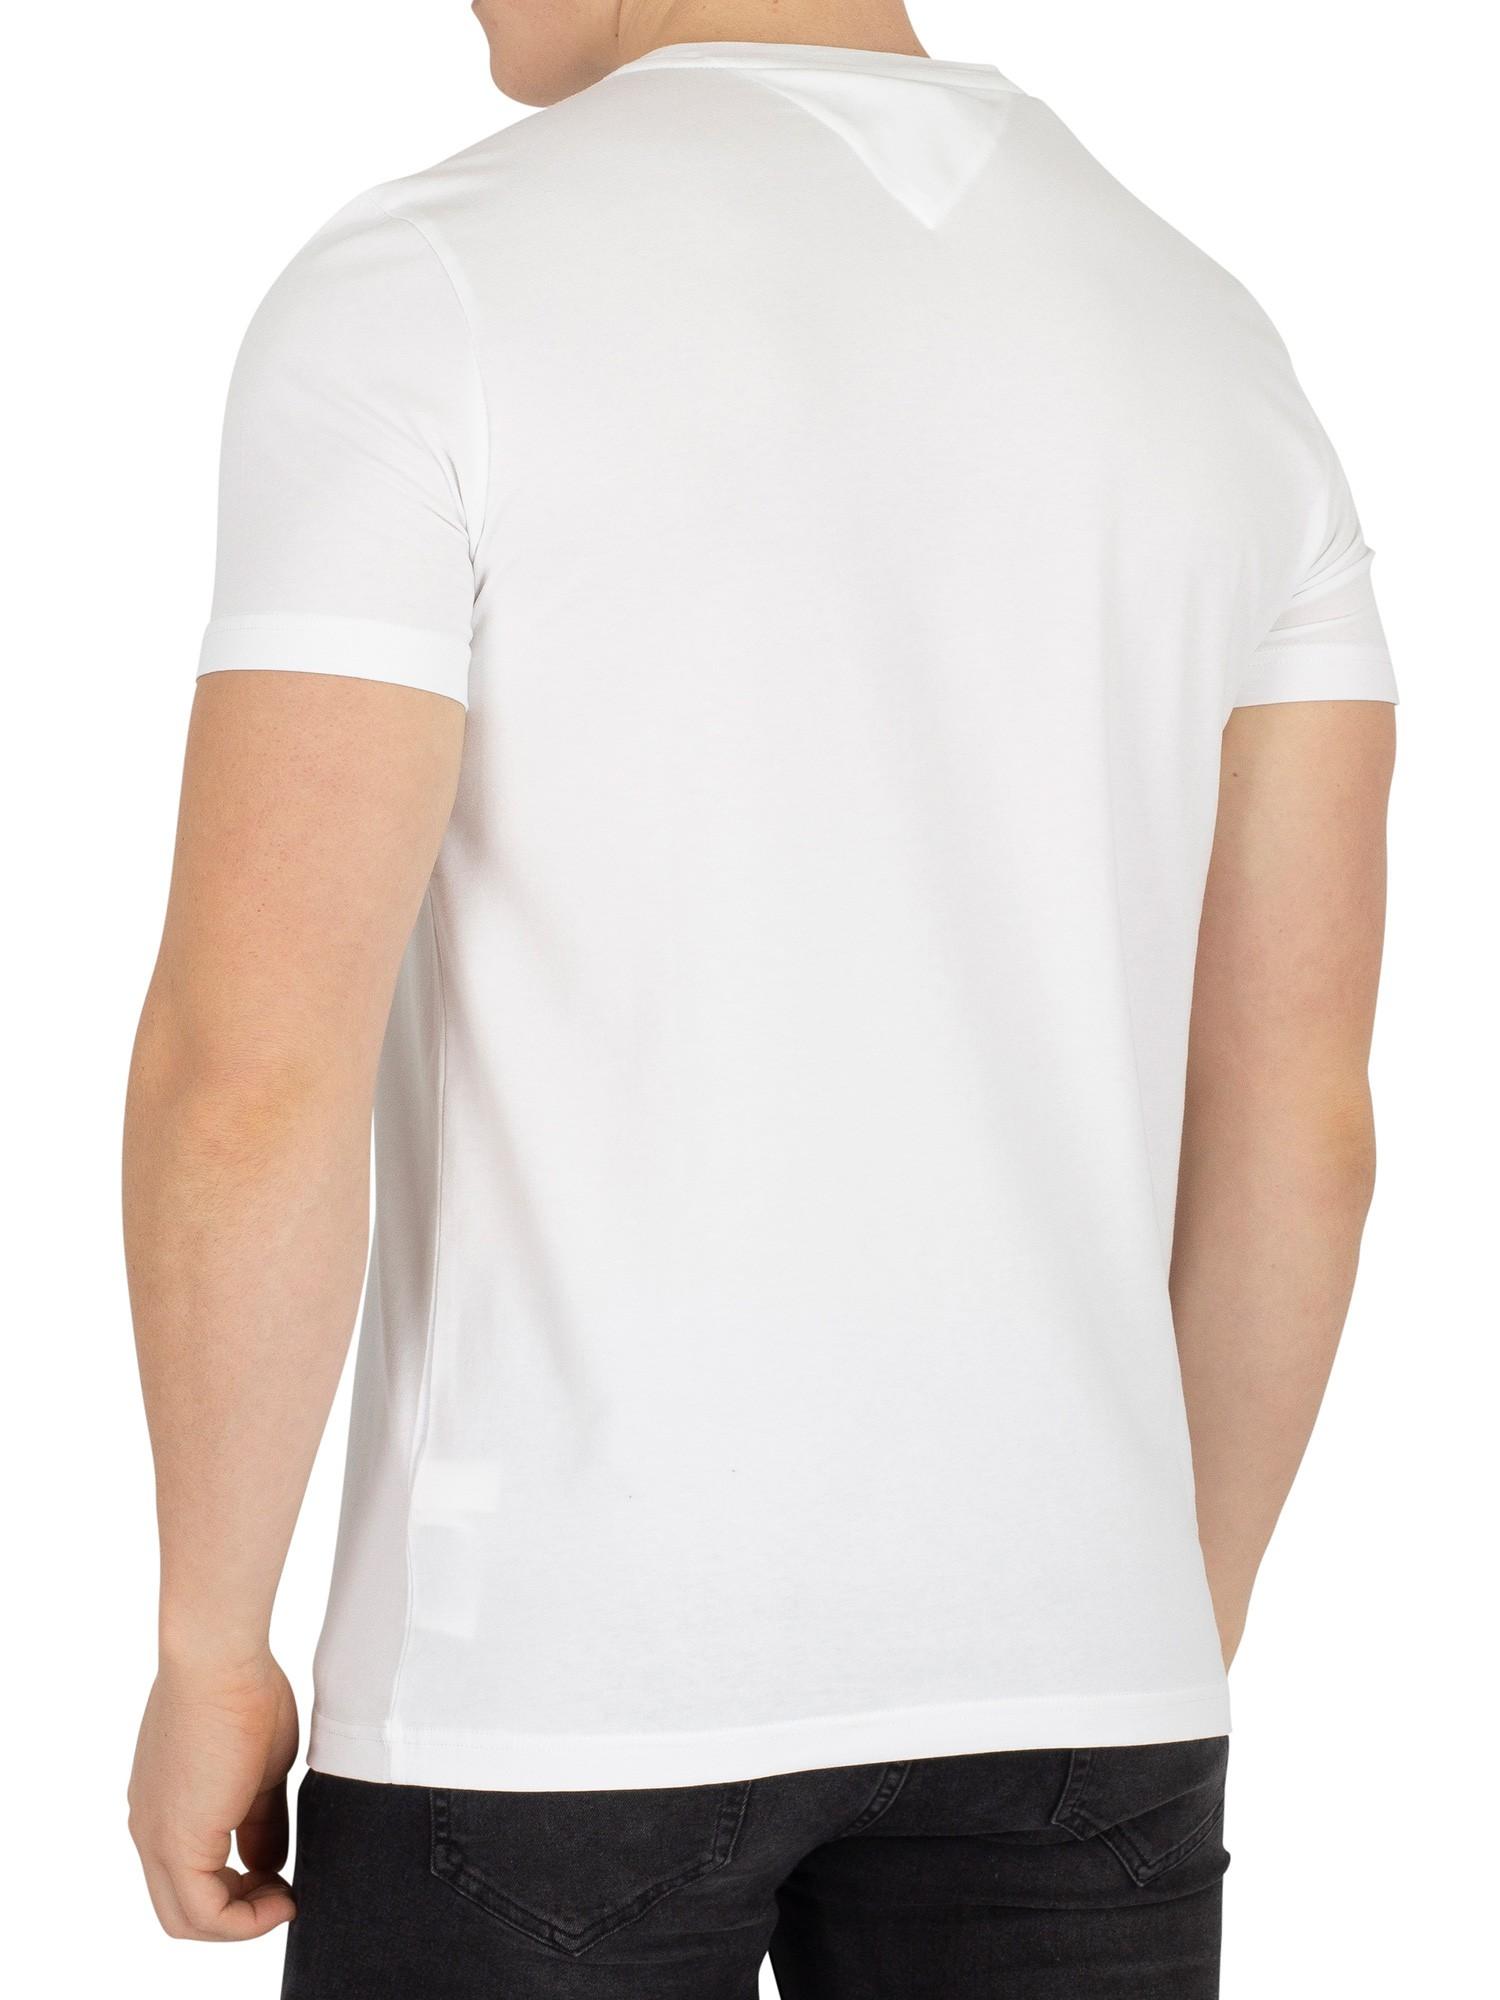 tommy hilfiger herren slim fit stretch logo t shirt wei. Black Bedroom Furniture Sets. Home Design Ideas